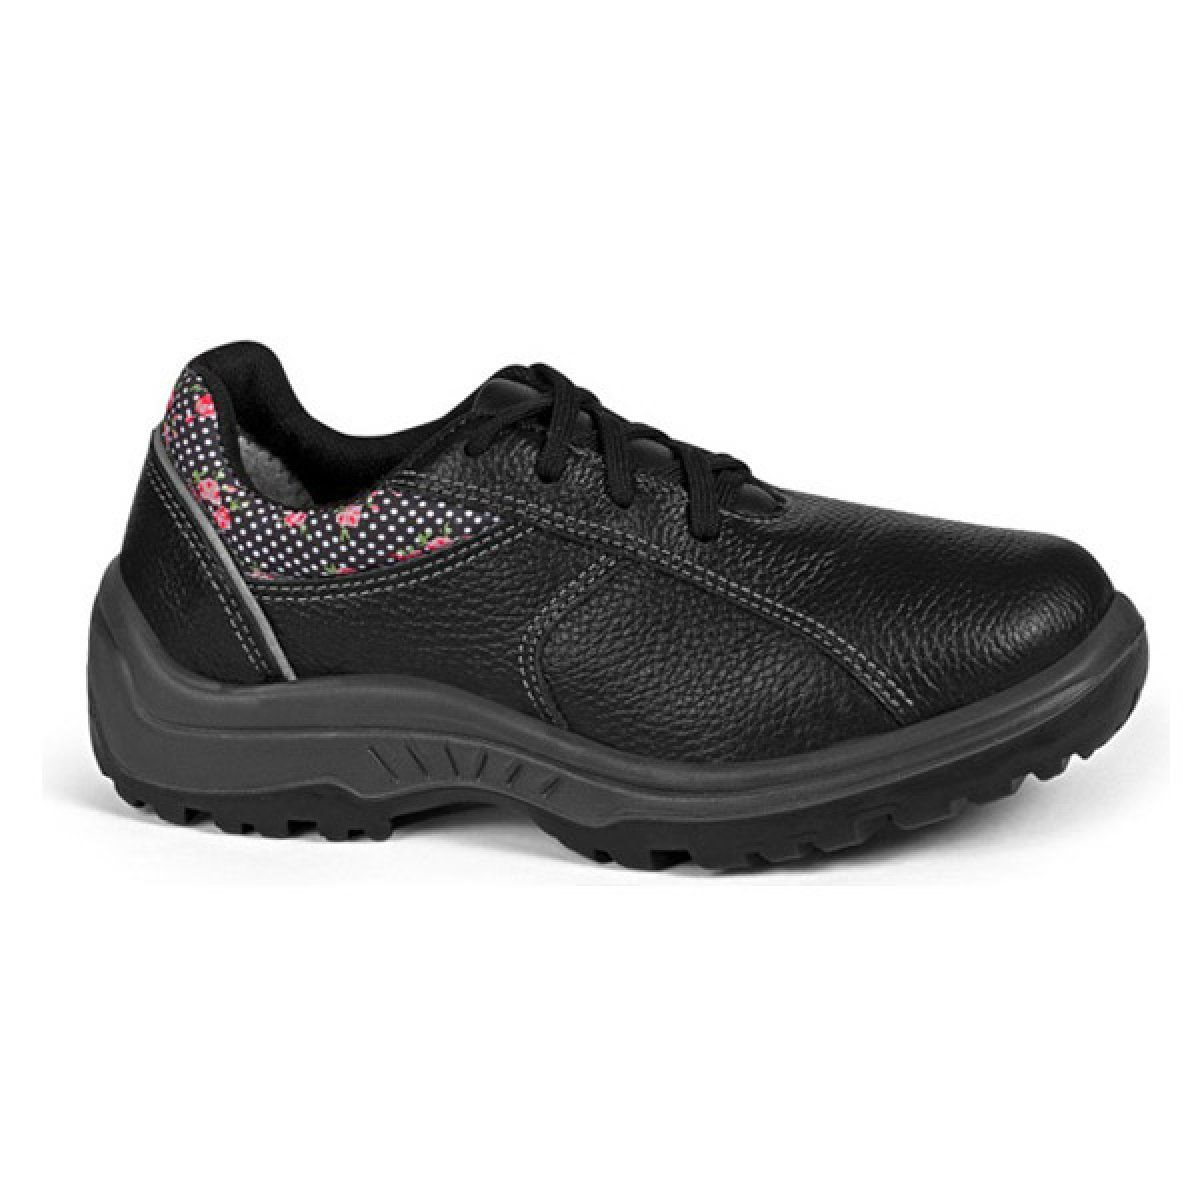 Sapato Feminino c/ Cadarço Bidensidade s/ Bico de Aço Preto N°36 - BRACOL